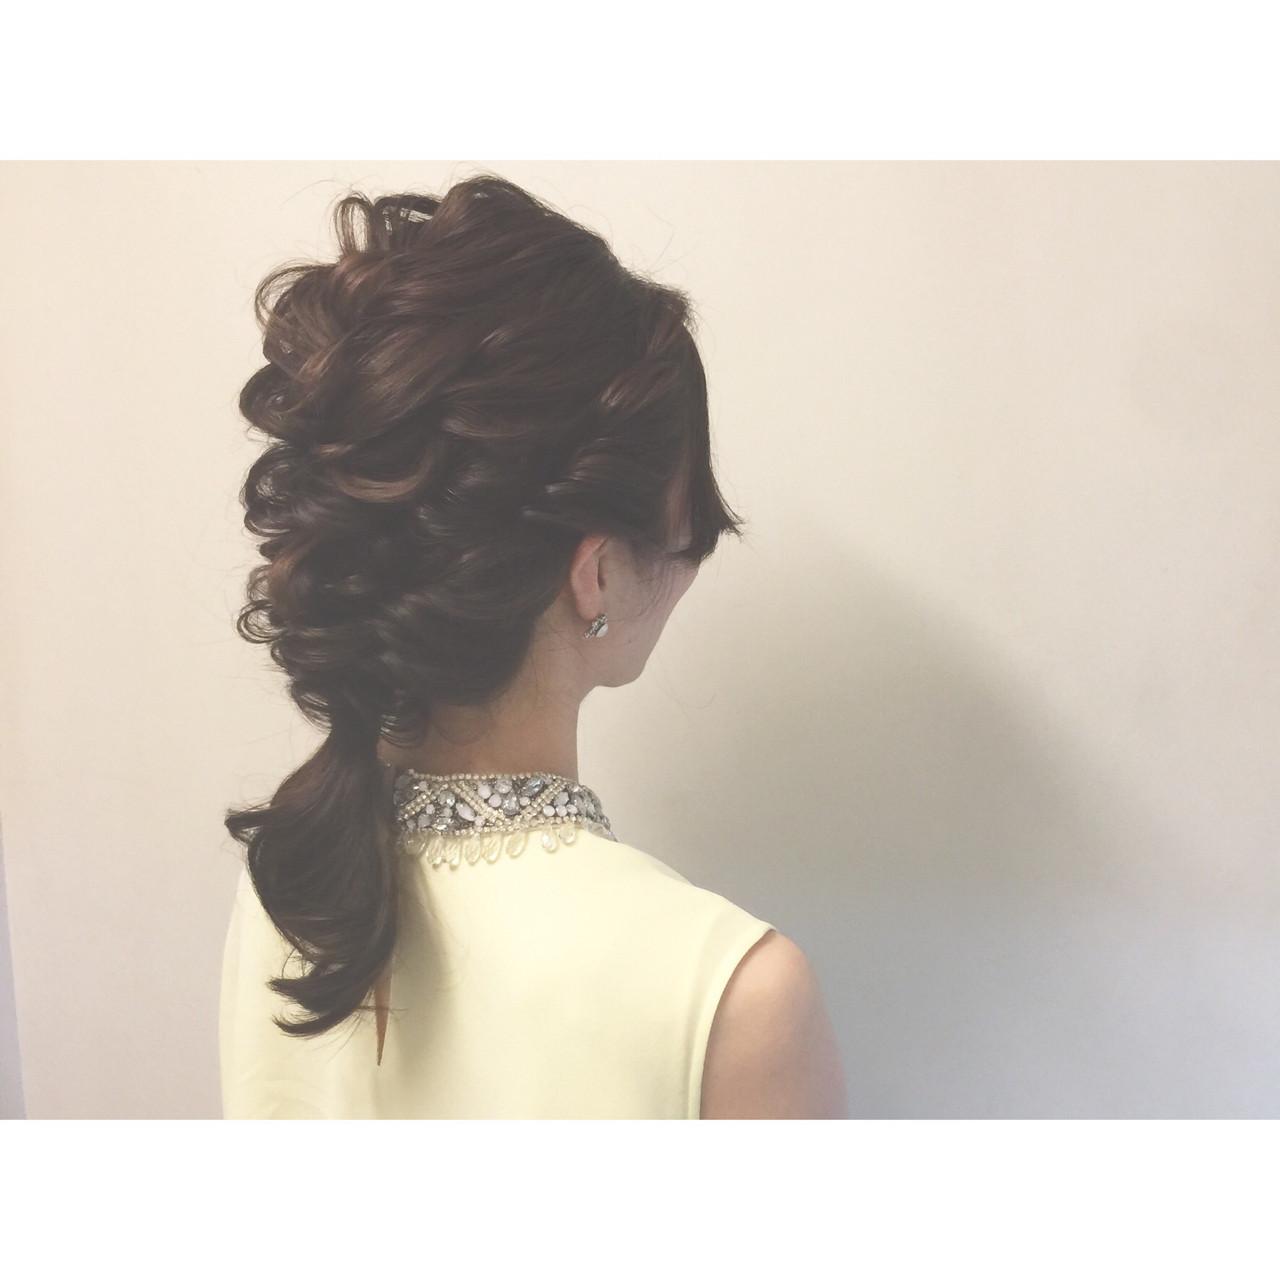 ショート ヘアアレンジ ゆるふわ 黒髪 ヘアスタイルや髪型の写真・画像 | ヤマキタ トシキ Neolive / Neolive CiroL.